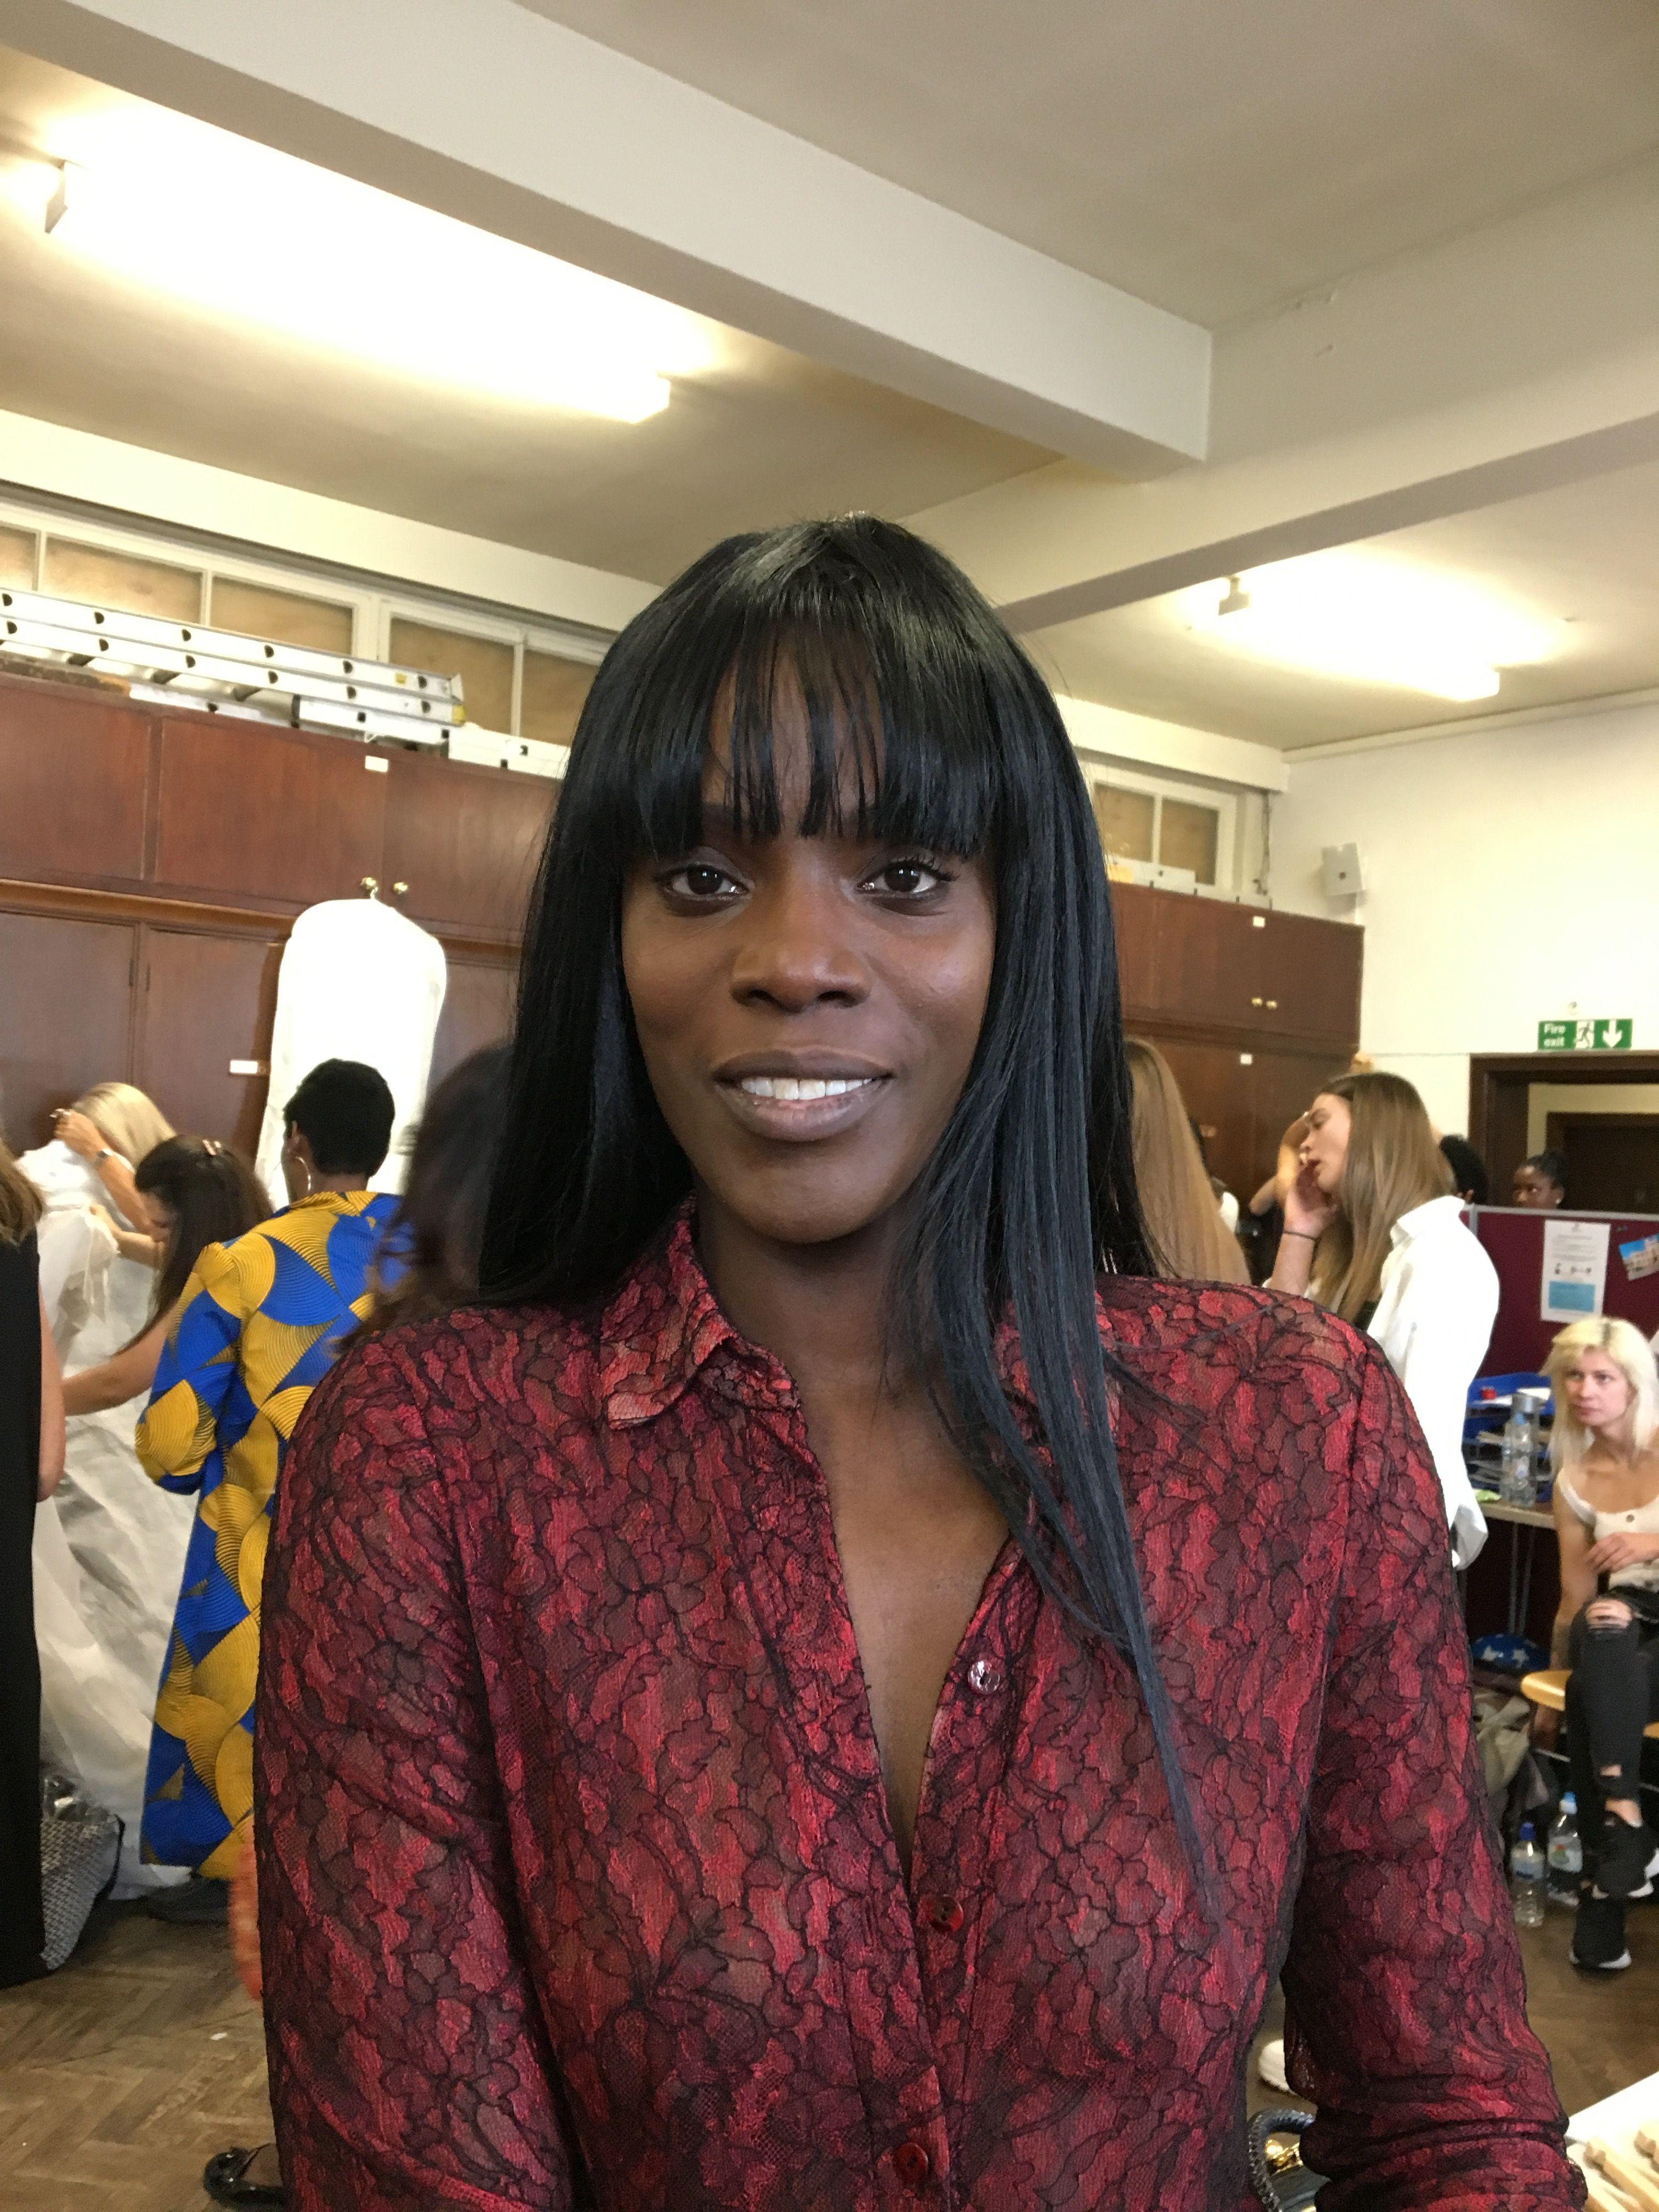 Models at Leicester Fashion Week wearing Flori Roberts